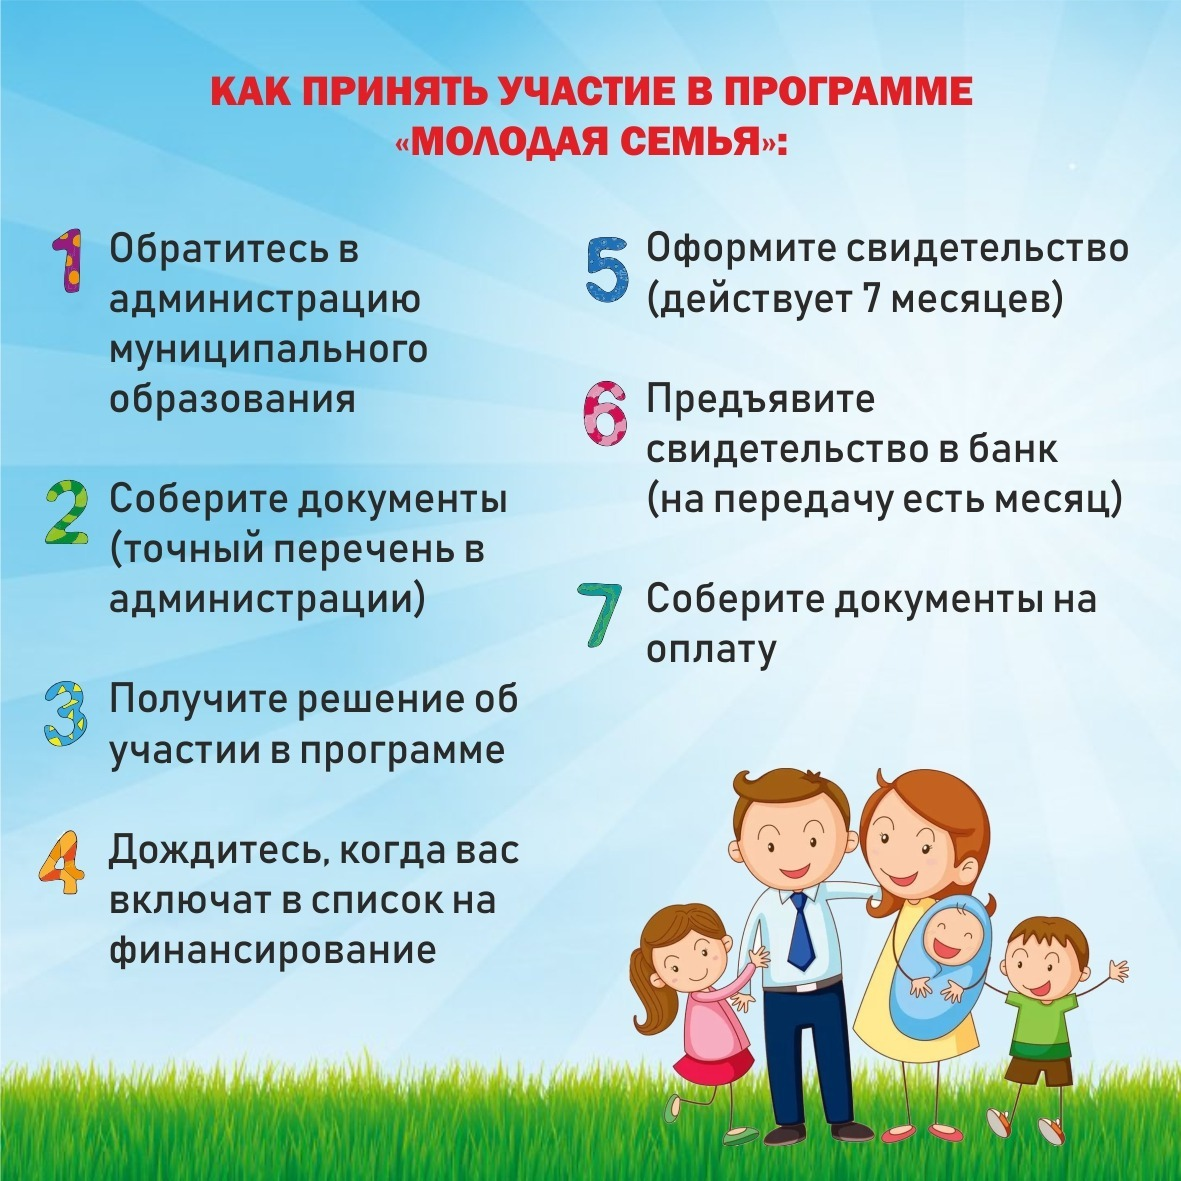 Как принять участие в программе молодая семья